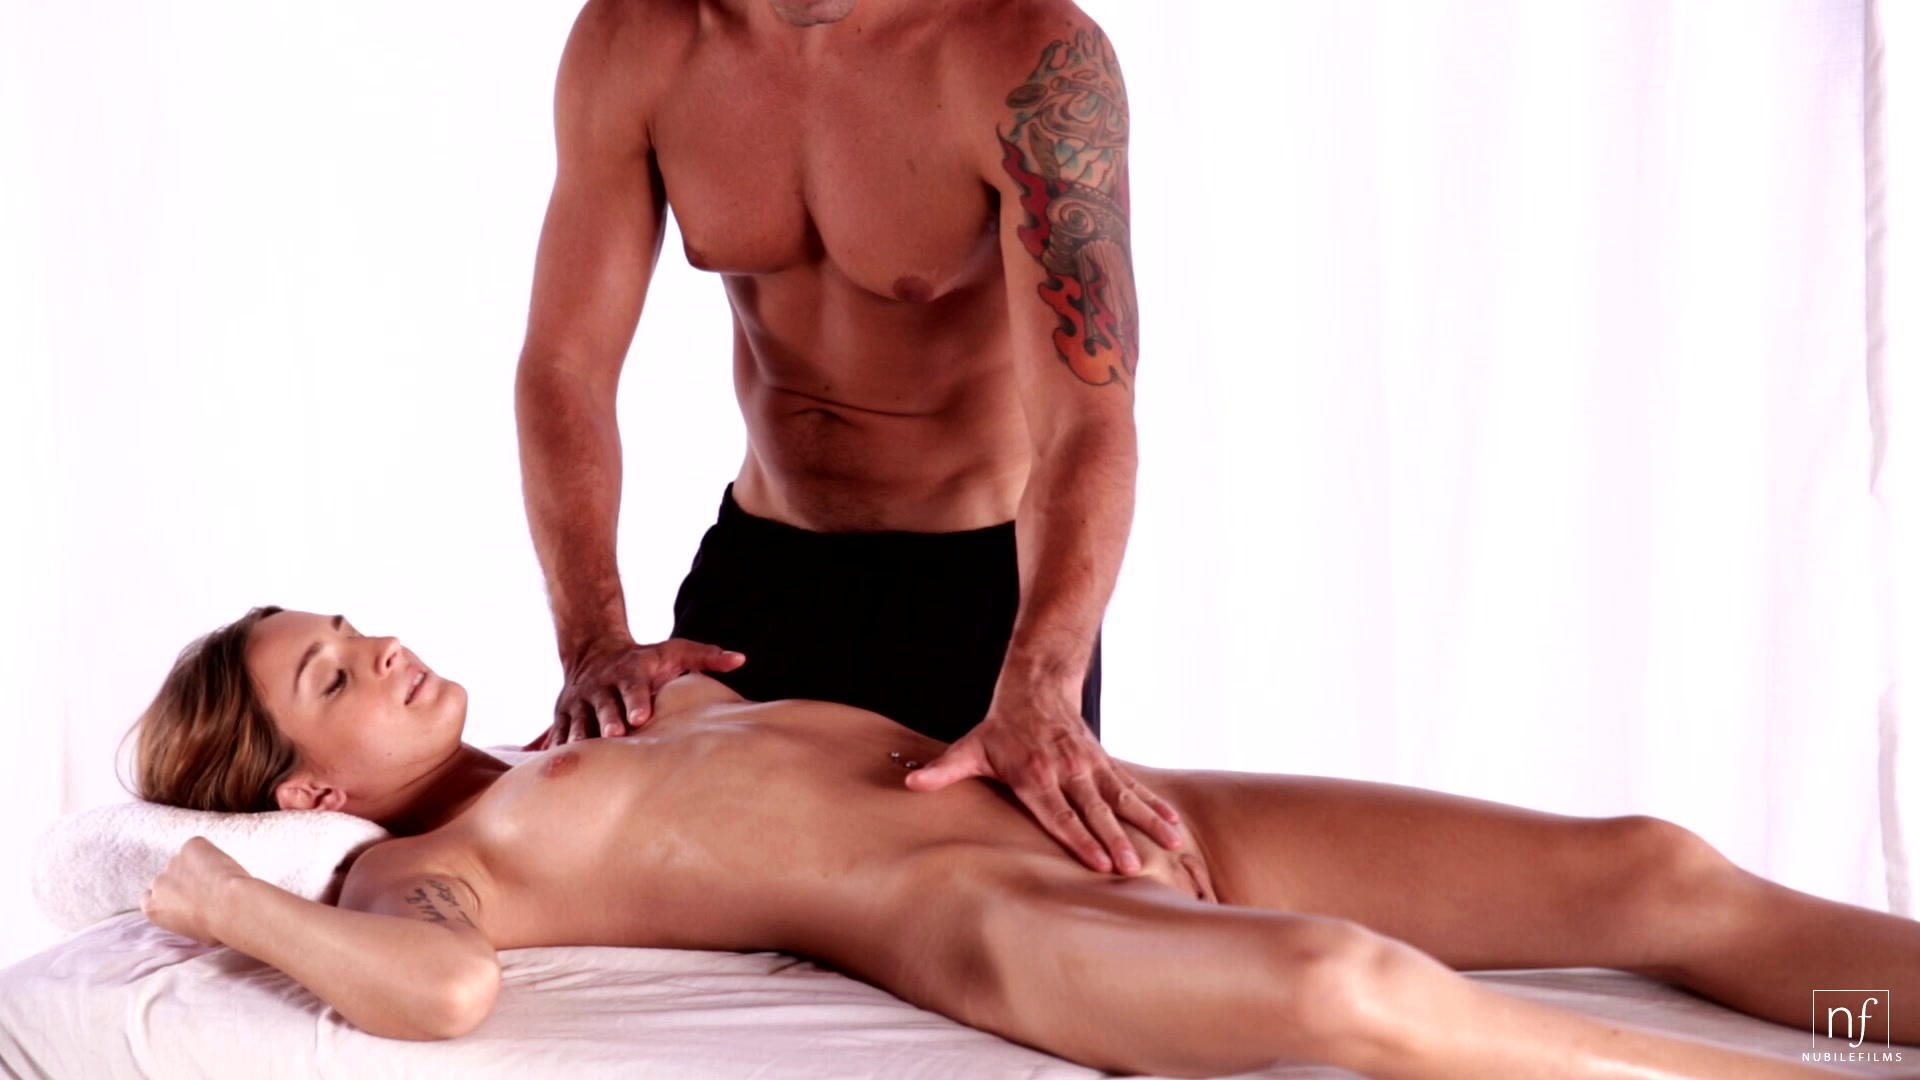 Порно секс с массажистами смотреть онлайн